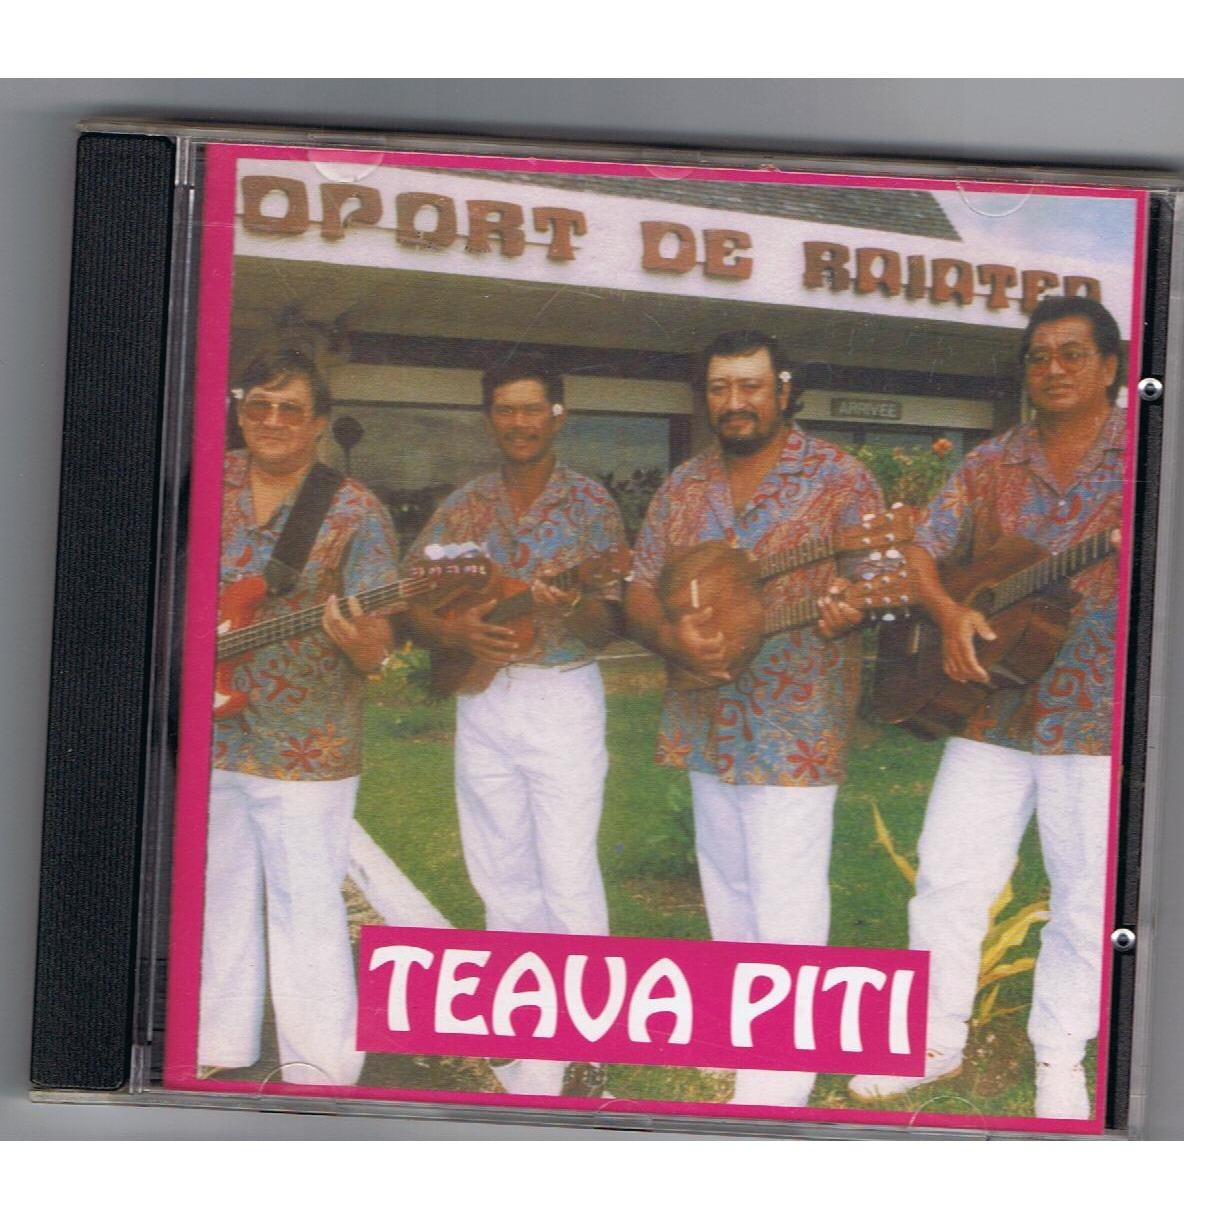 """Un des CD du groupe """"Te ava piti"""" où l'on reconnait Emile Sham Koua à la gauche."""